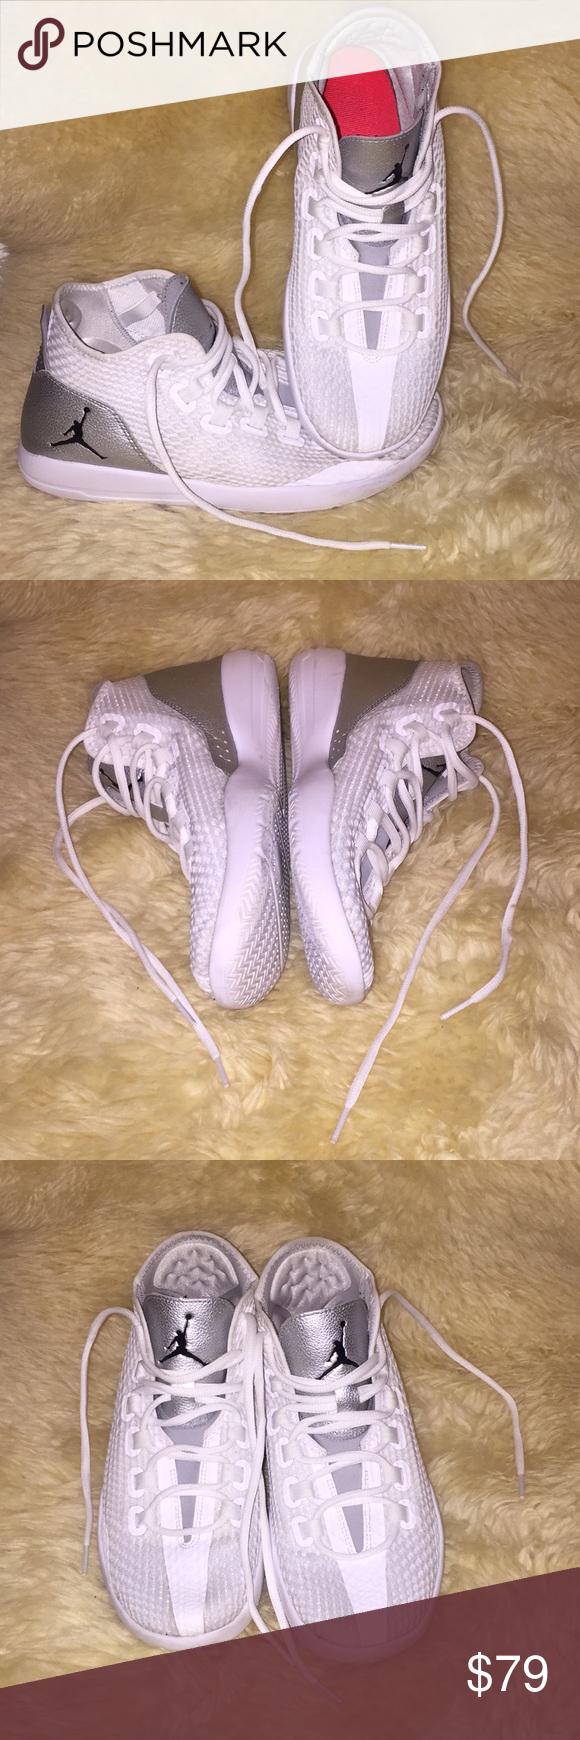 e861fe01140d Nike Jordan Reveal Mens Shoes size 8 In excellent condition Nike Jordan  Reveal Mens Shoes size 8 White Black Metallic Silver 834064 100 Jordan Shoes  ...